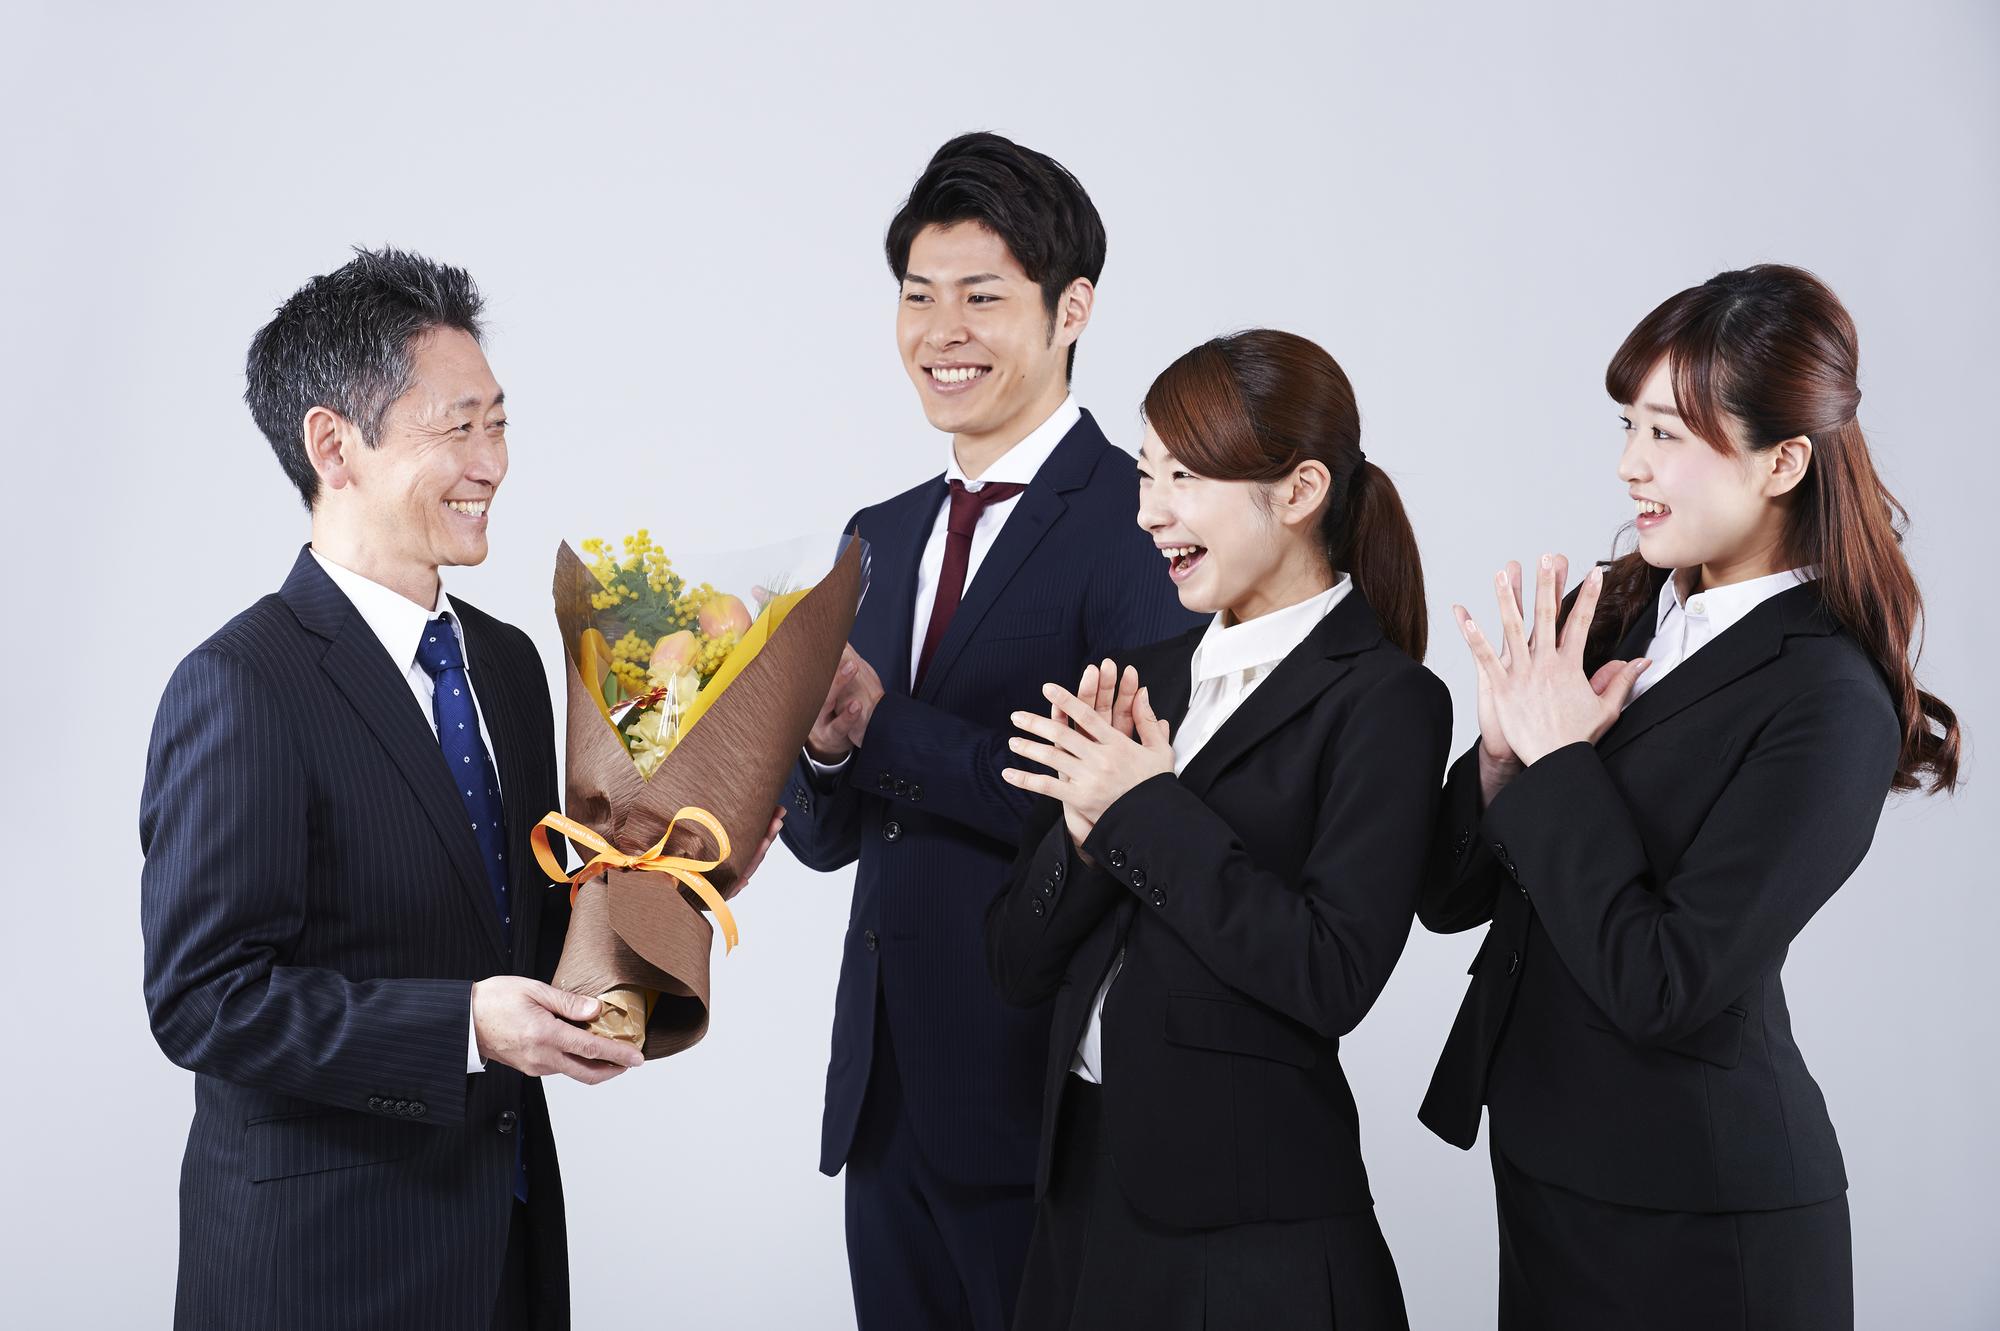 お世話になった上司への退職祝いの選び方~喜ばれるギフトは何?